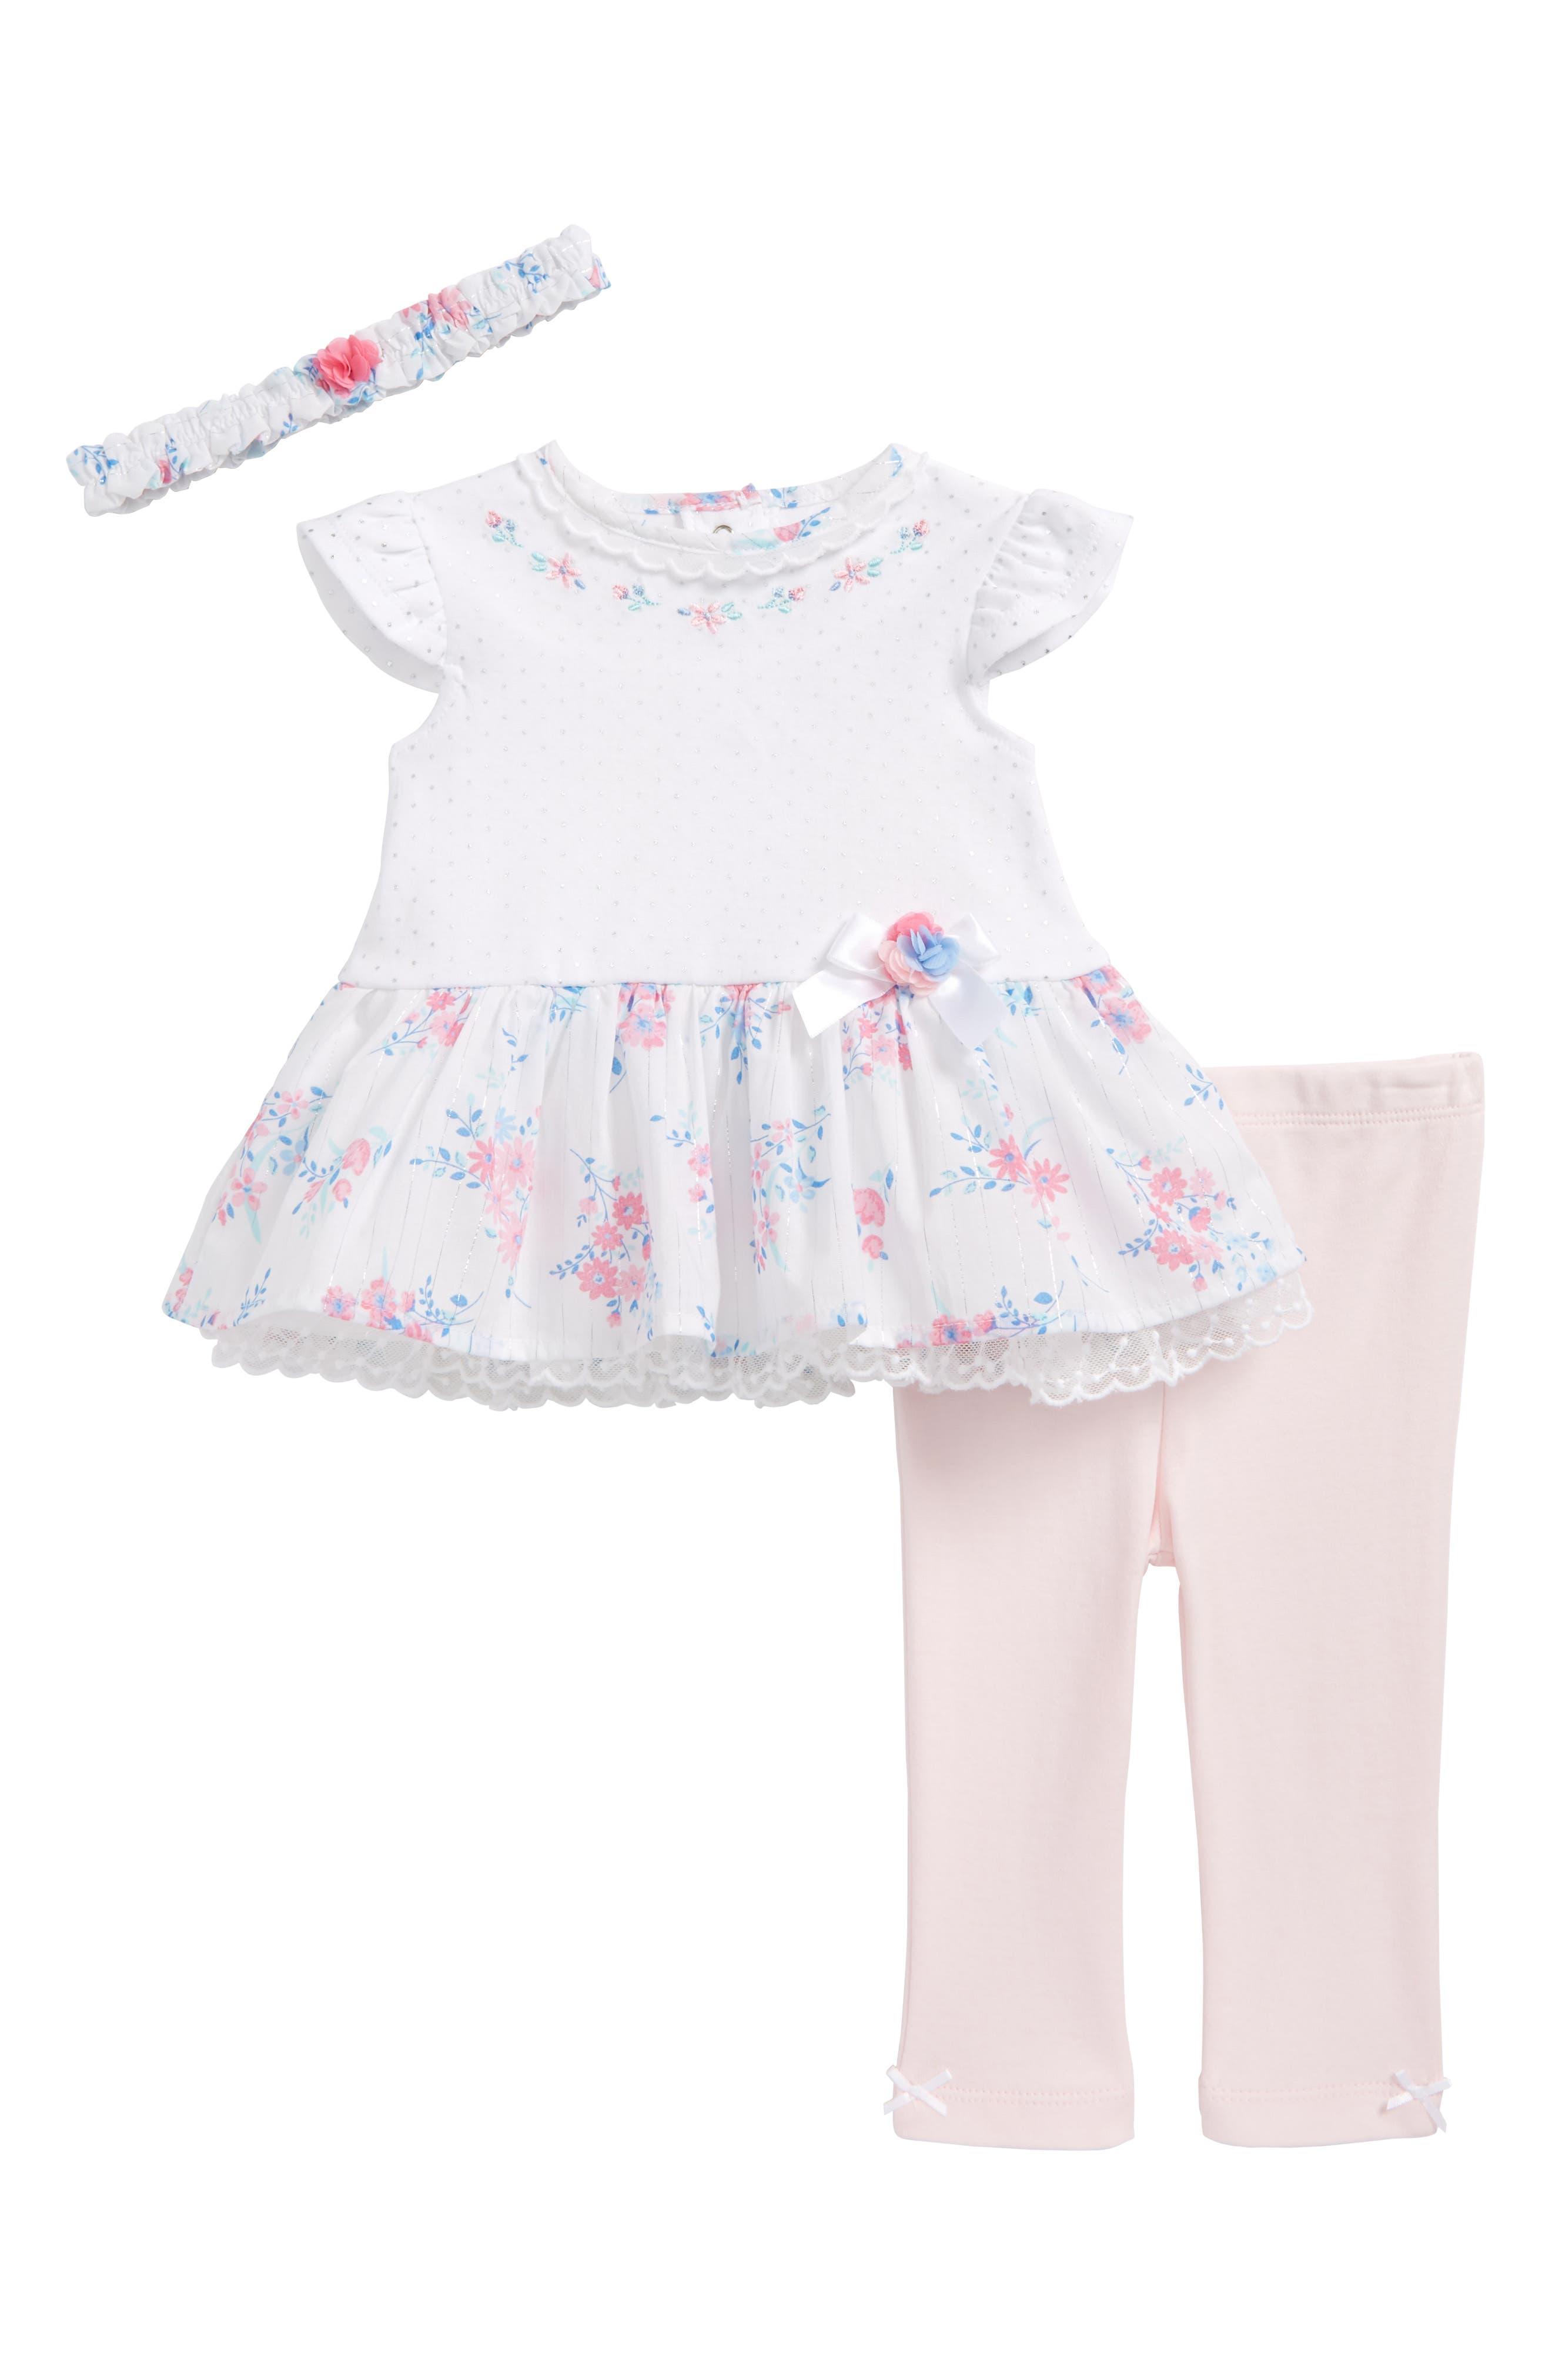 Alternate Image 1 Selected - Little Me Garden Swing Dress, Leggings & Headband Set (Baby Girls)